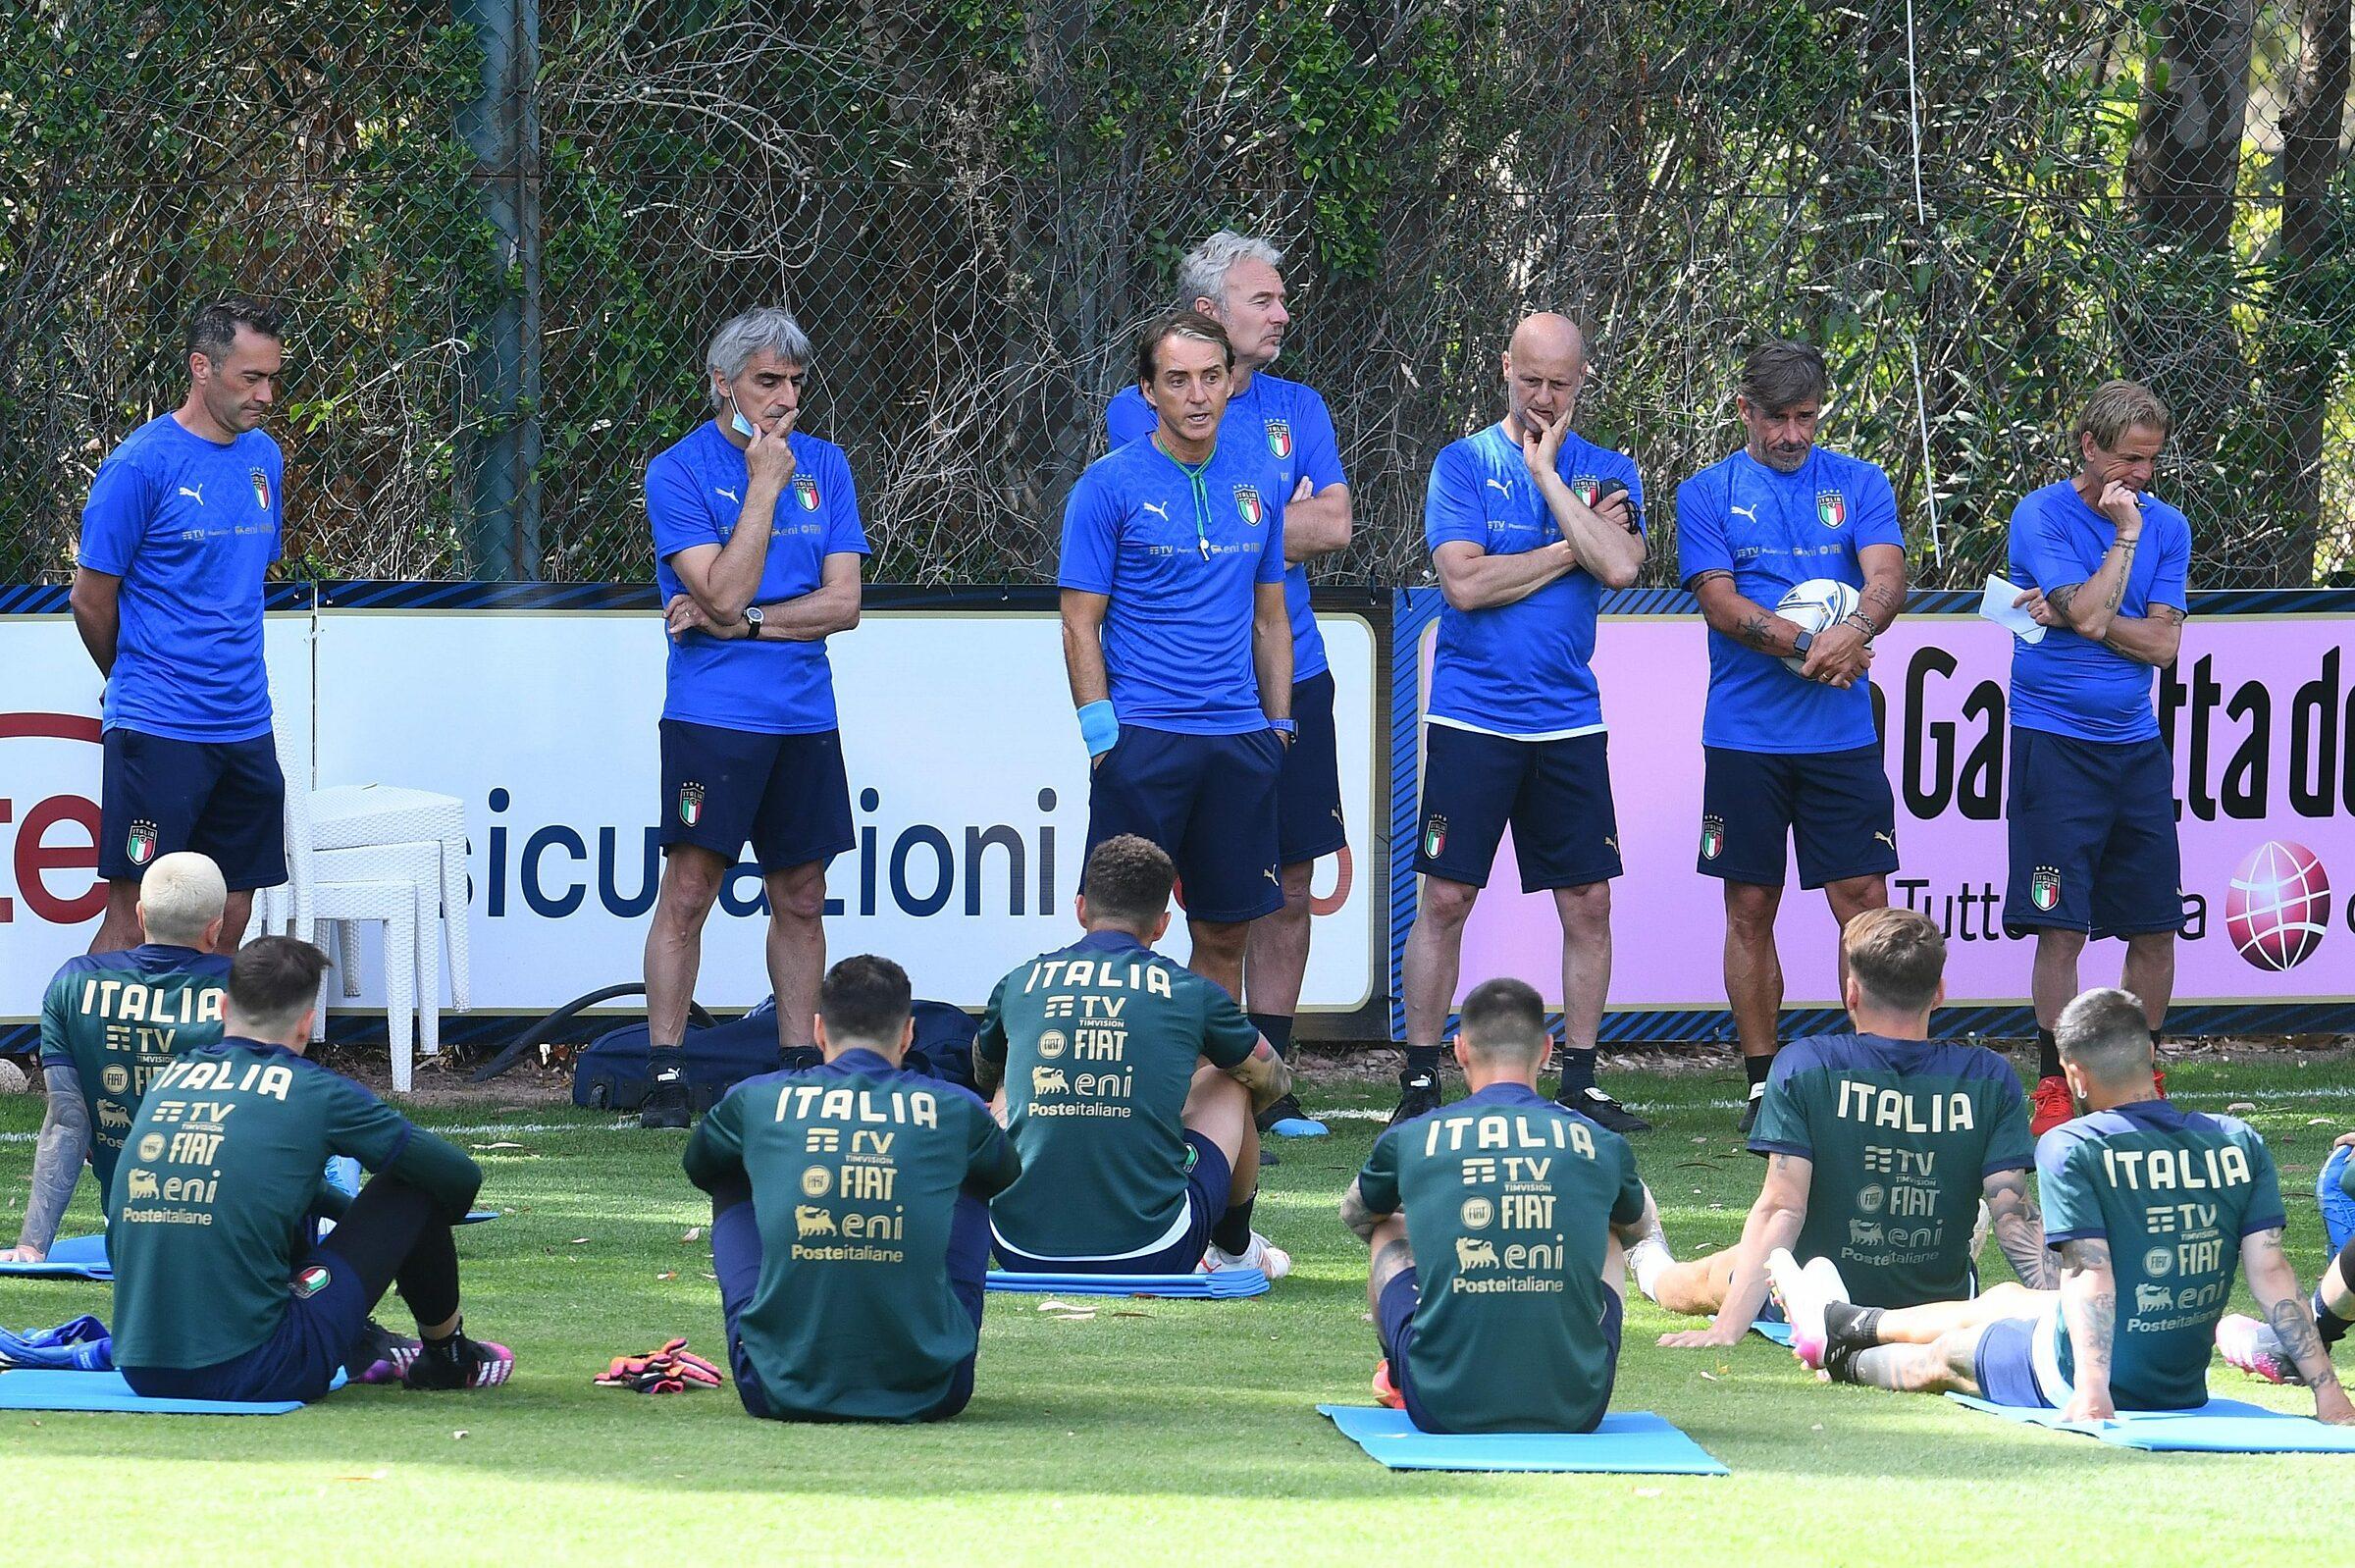 Mancini, bằng trải nghiệm từ thời còn thi đấu, đang làm tốt bài toán quản trị nhân sự của tuyển Italy tại Euro 2021. Ảnh: Lapresse